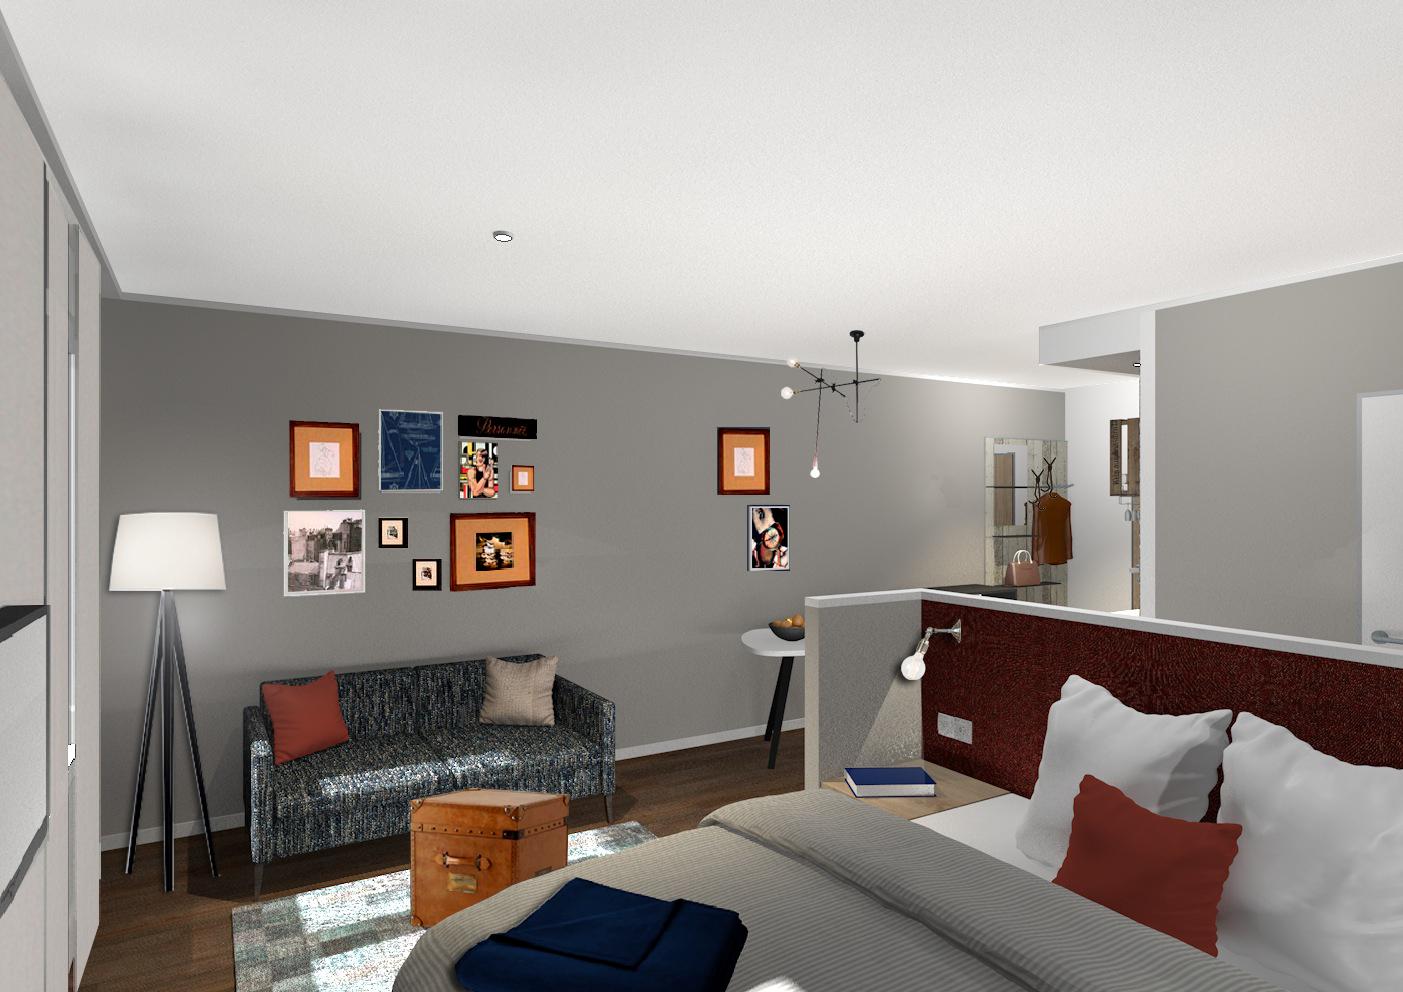 Ansicht Wohn- und Schlafbereich Mit eigener Klingel und Briefkasten bietet das Boardinghouse ein komfortables Zuhause auf Zeit mit persönlicher Wohnatmosphäre. Quelle: DQuadrat Living